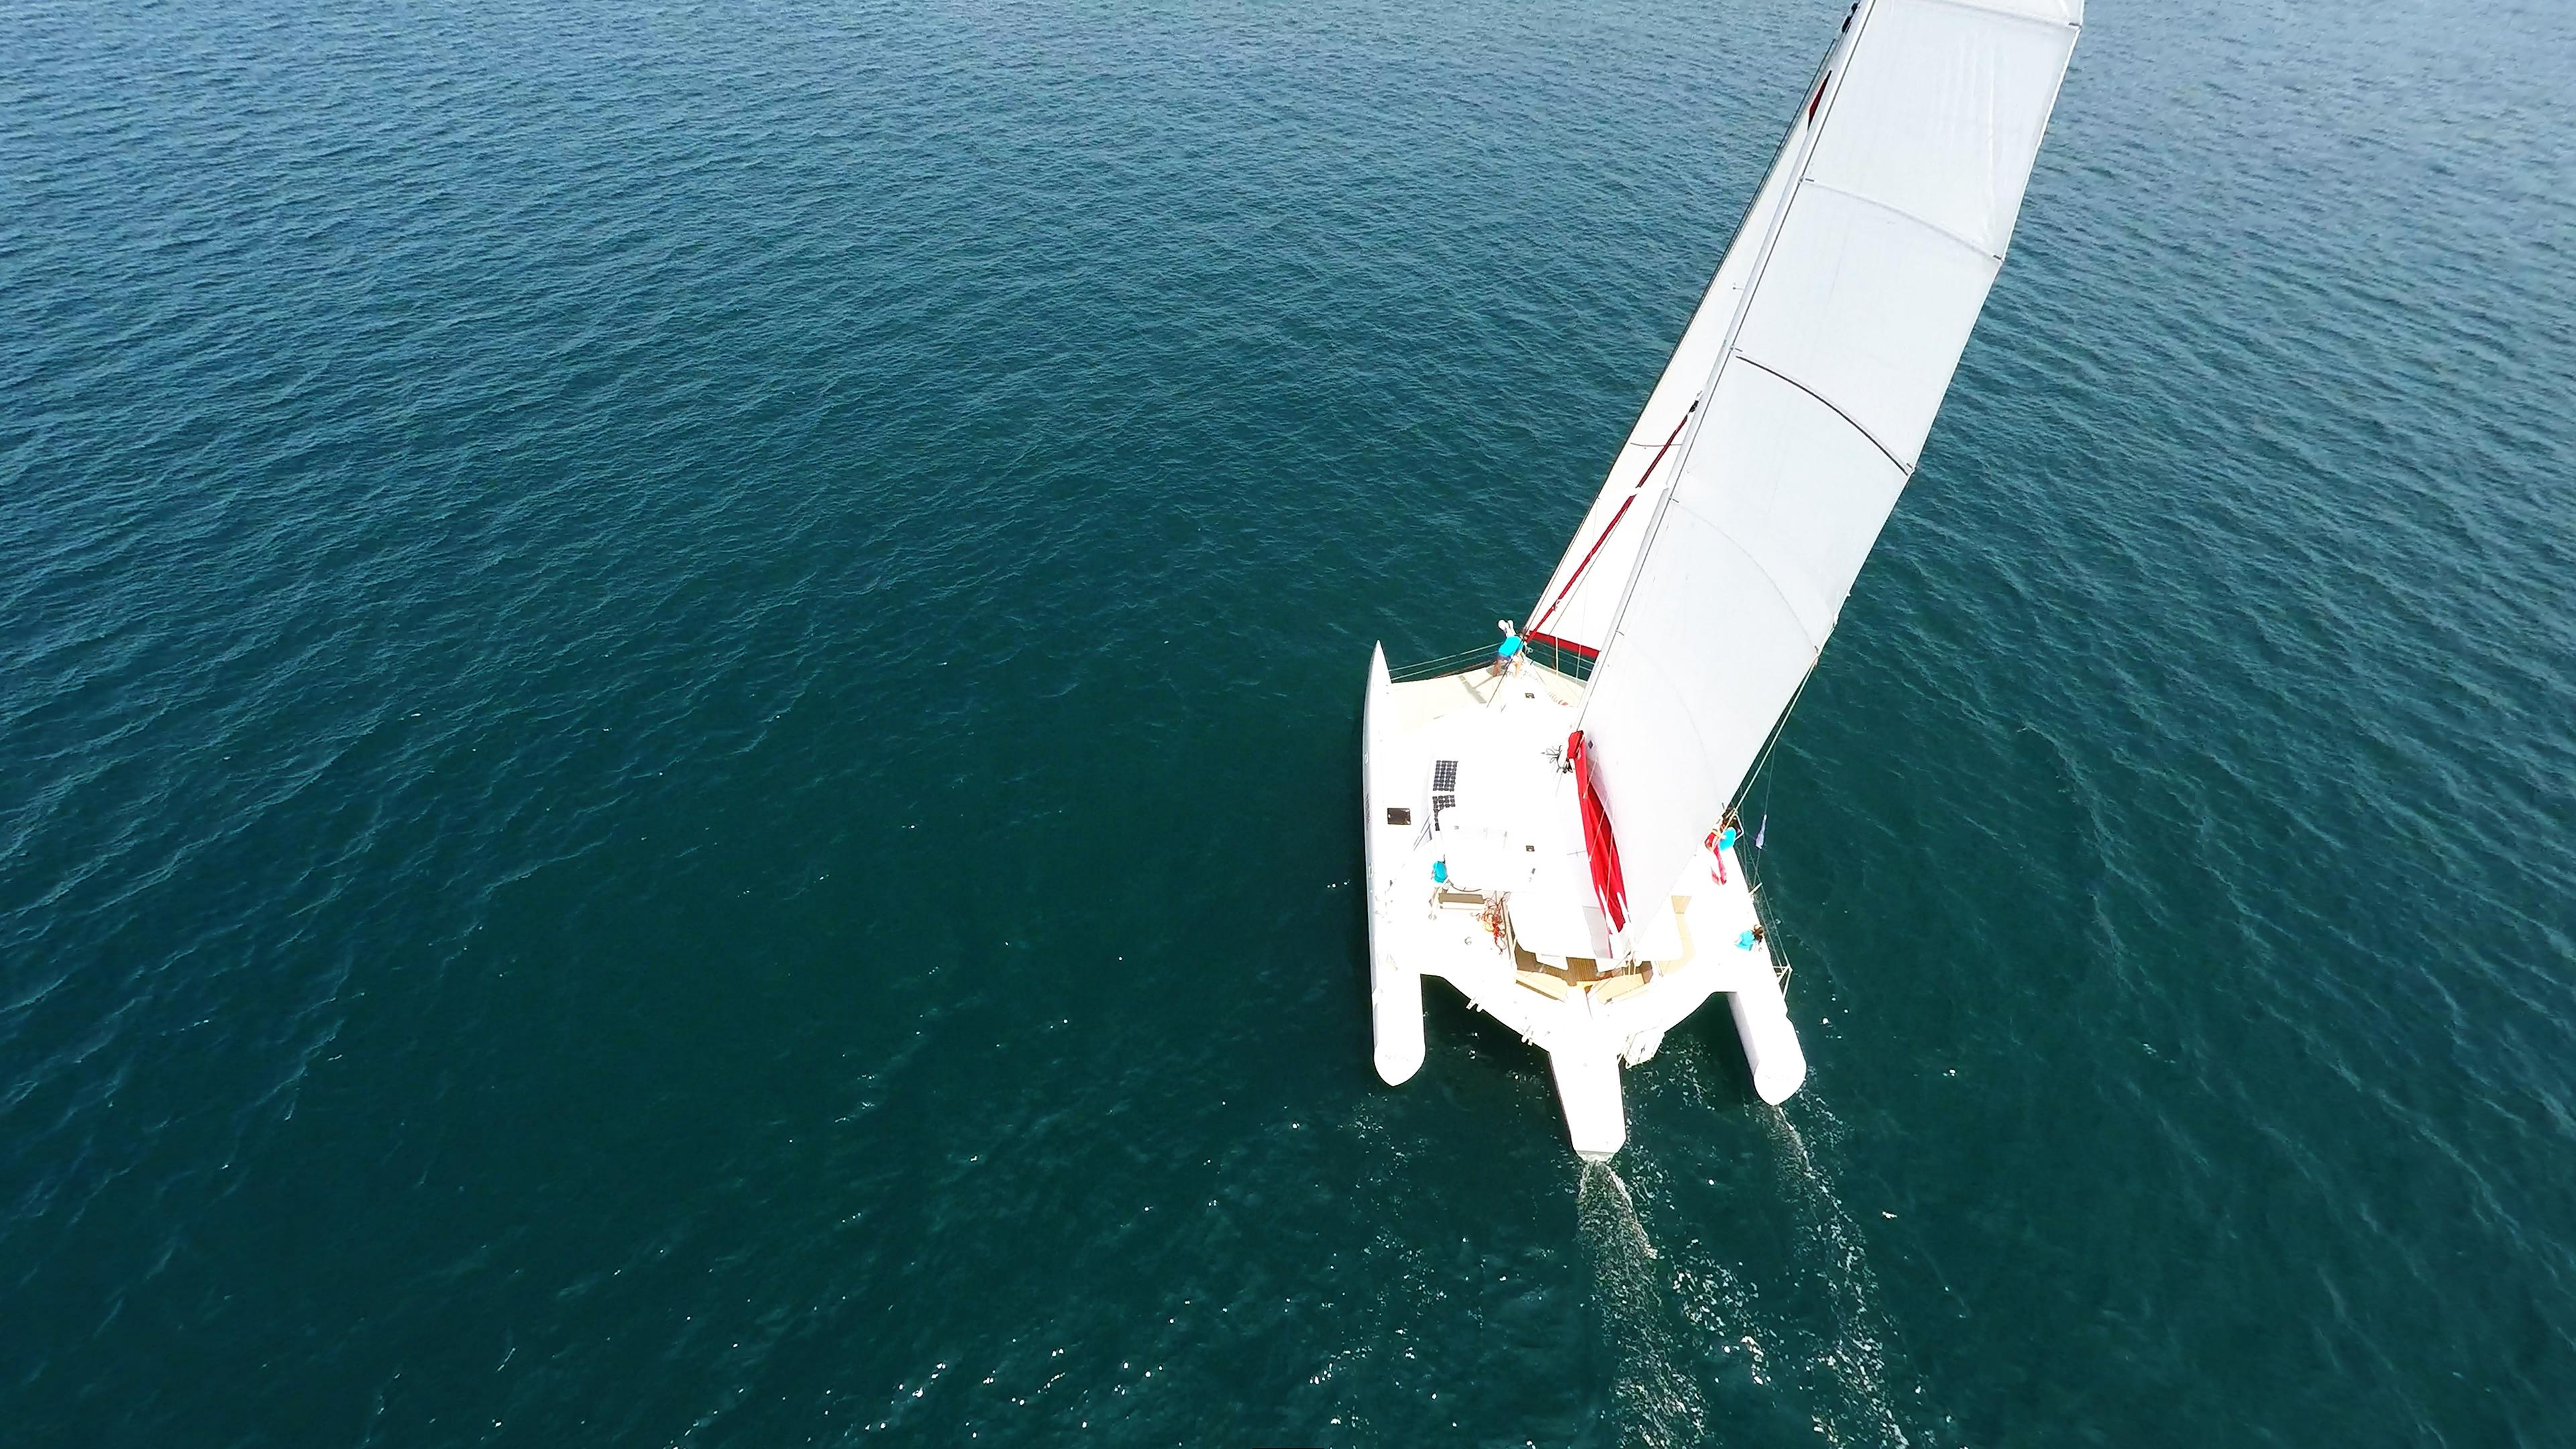 yachting multiscafo trimarano naviga a vela